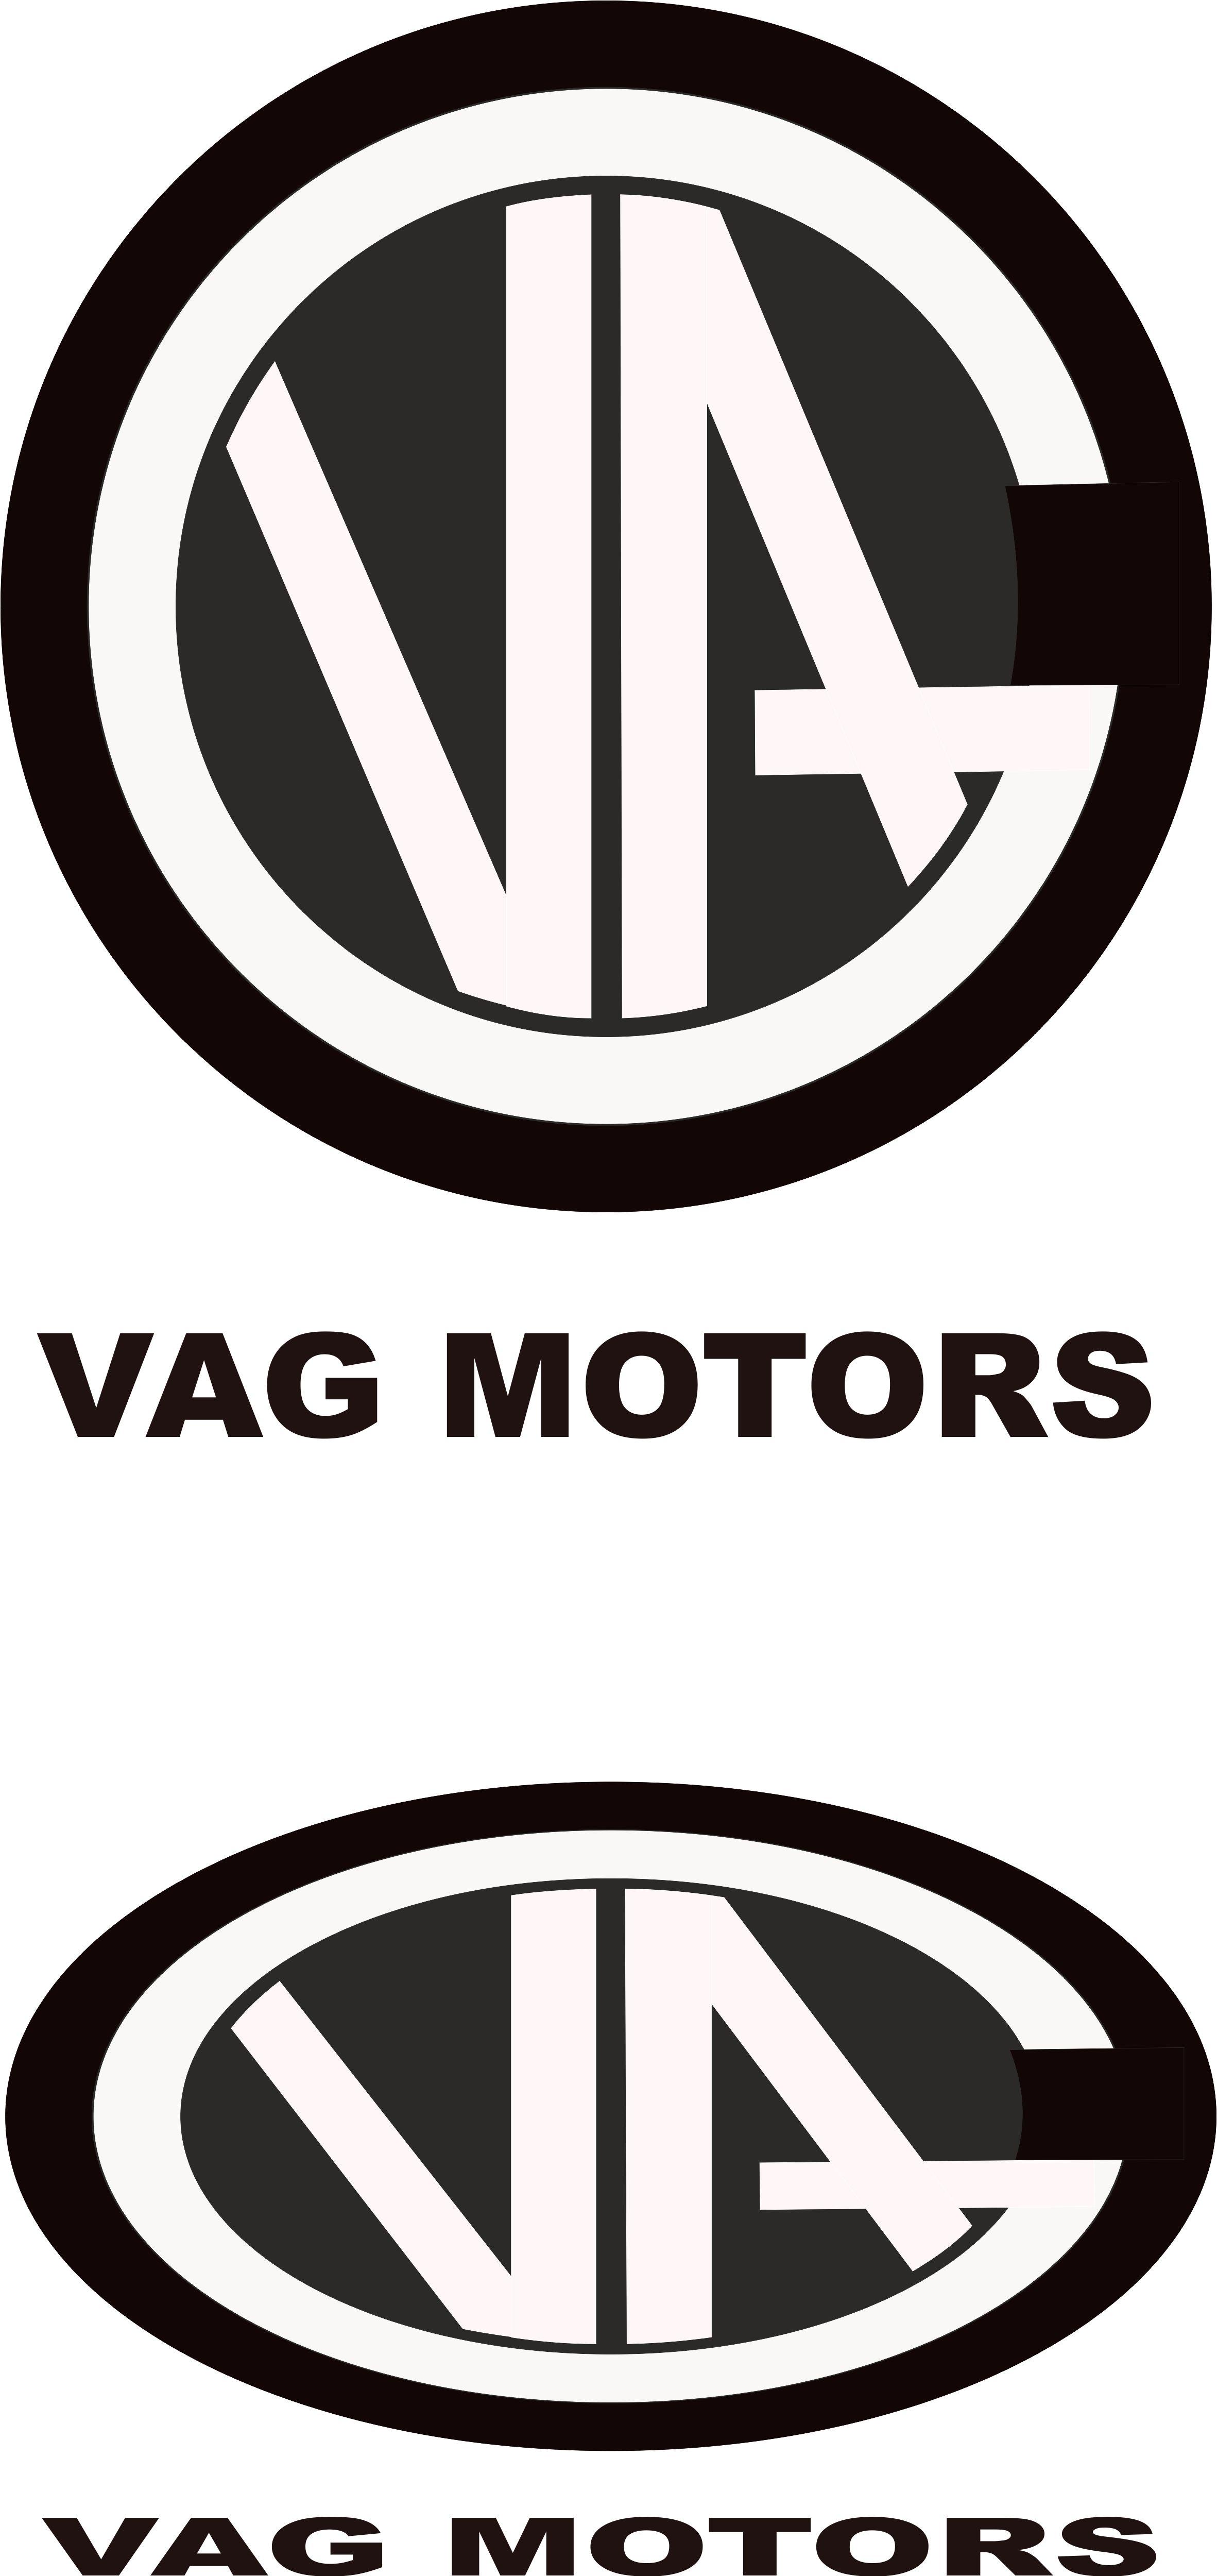 Разработать логотип автосервиса фото f_497557ea4f508fbc.jpg